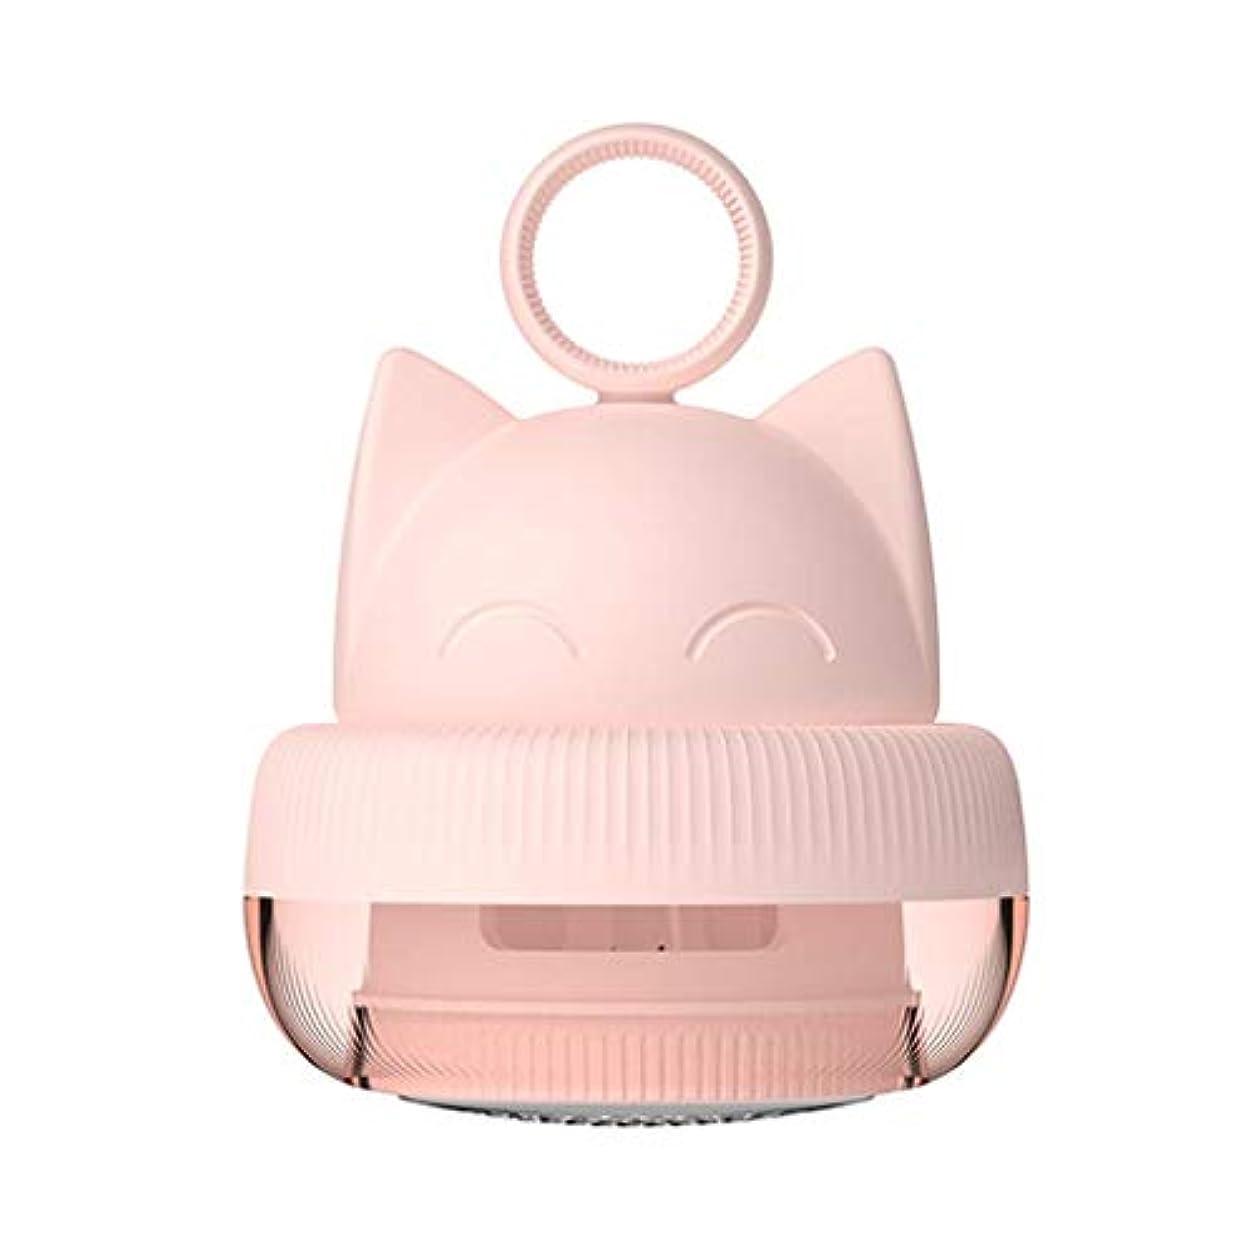 不毛の固体晩餐HIZLJJ リントリムーバー、携帯用電気ファブリック服家具シェーバー、セーターピルDefuzzerは、衣料品、カーペット、カーテンから丸薬ボールBobblesを削除します (Color : Pink)